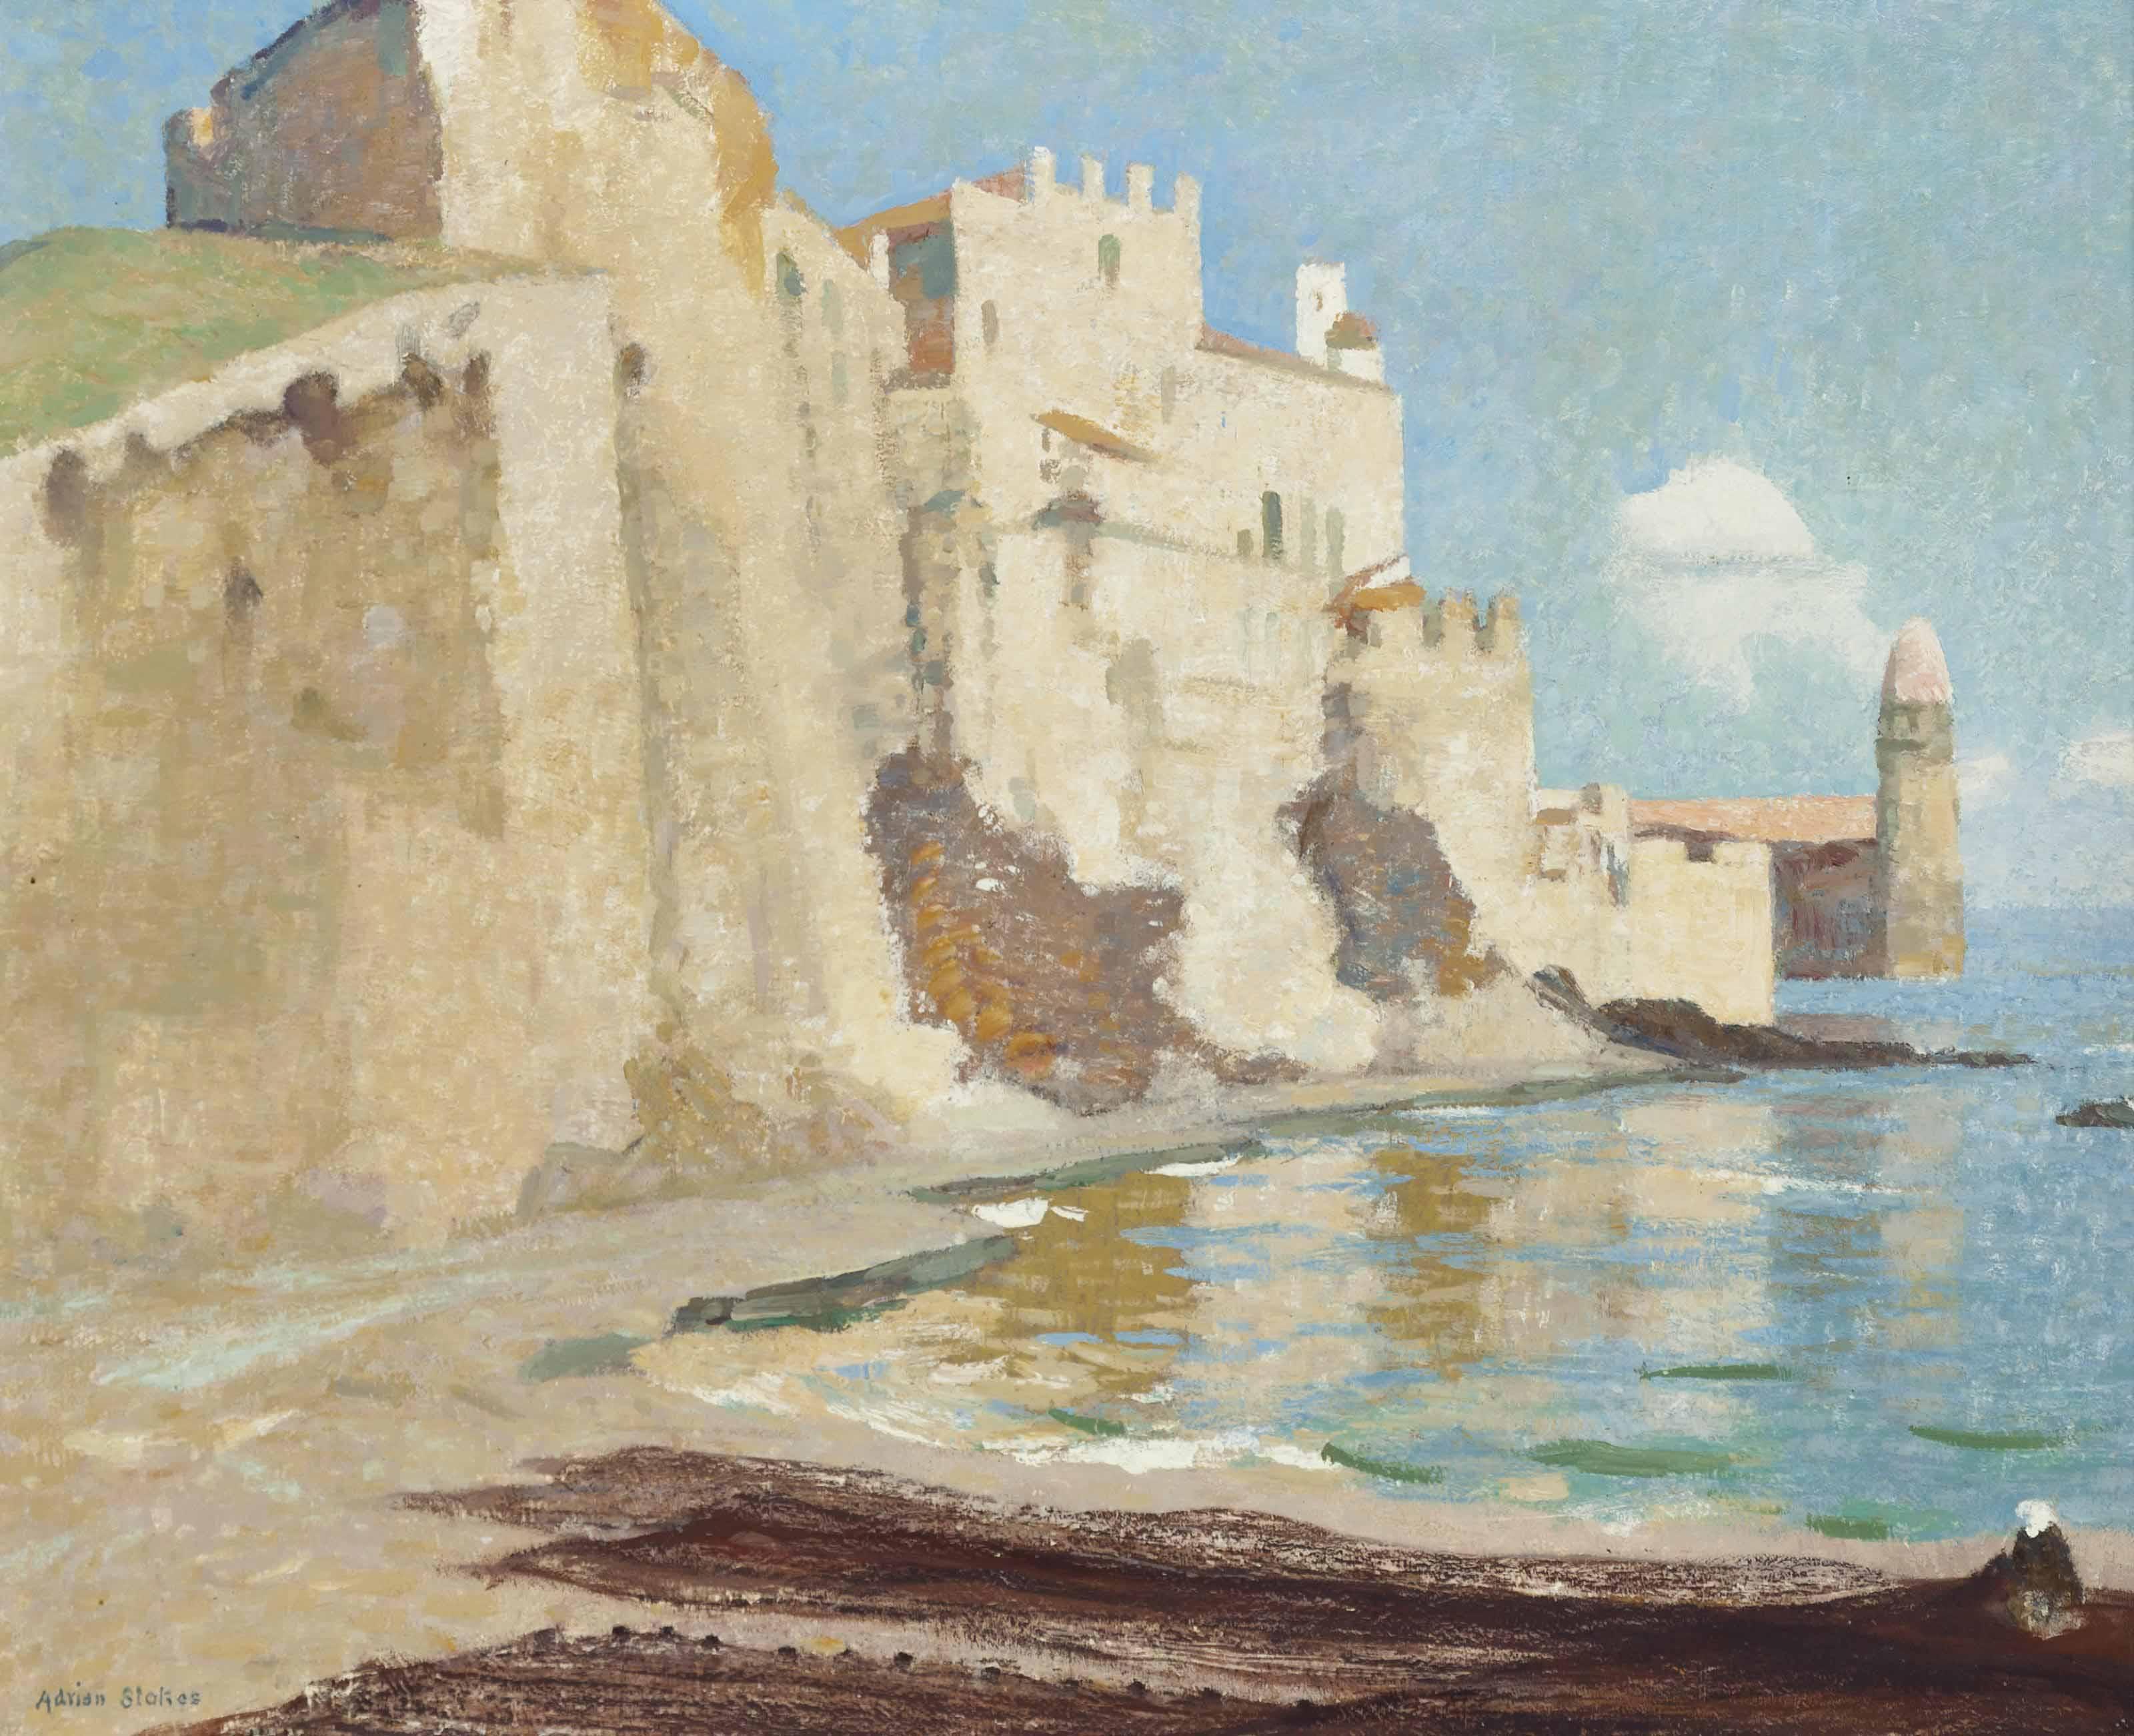 Collioure, the Net-mender